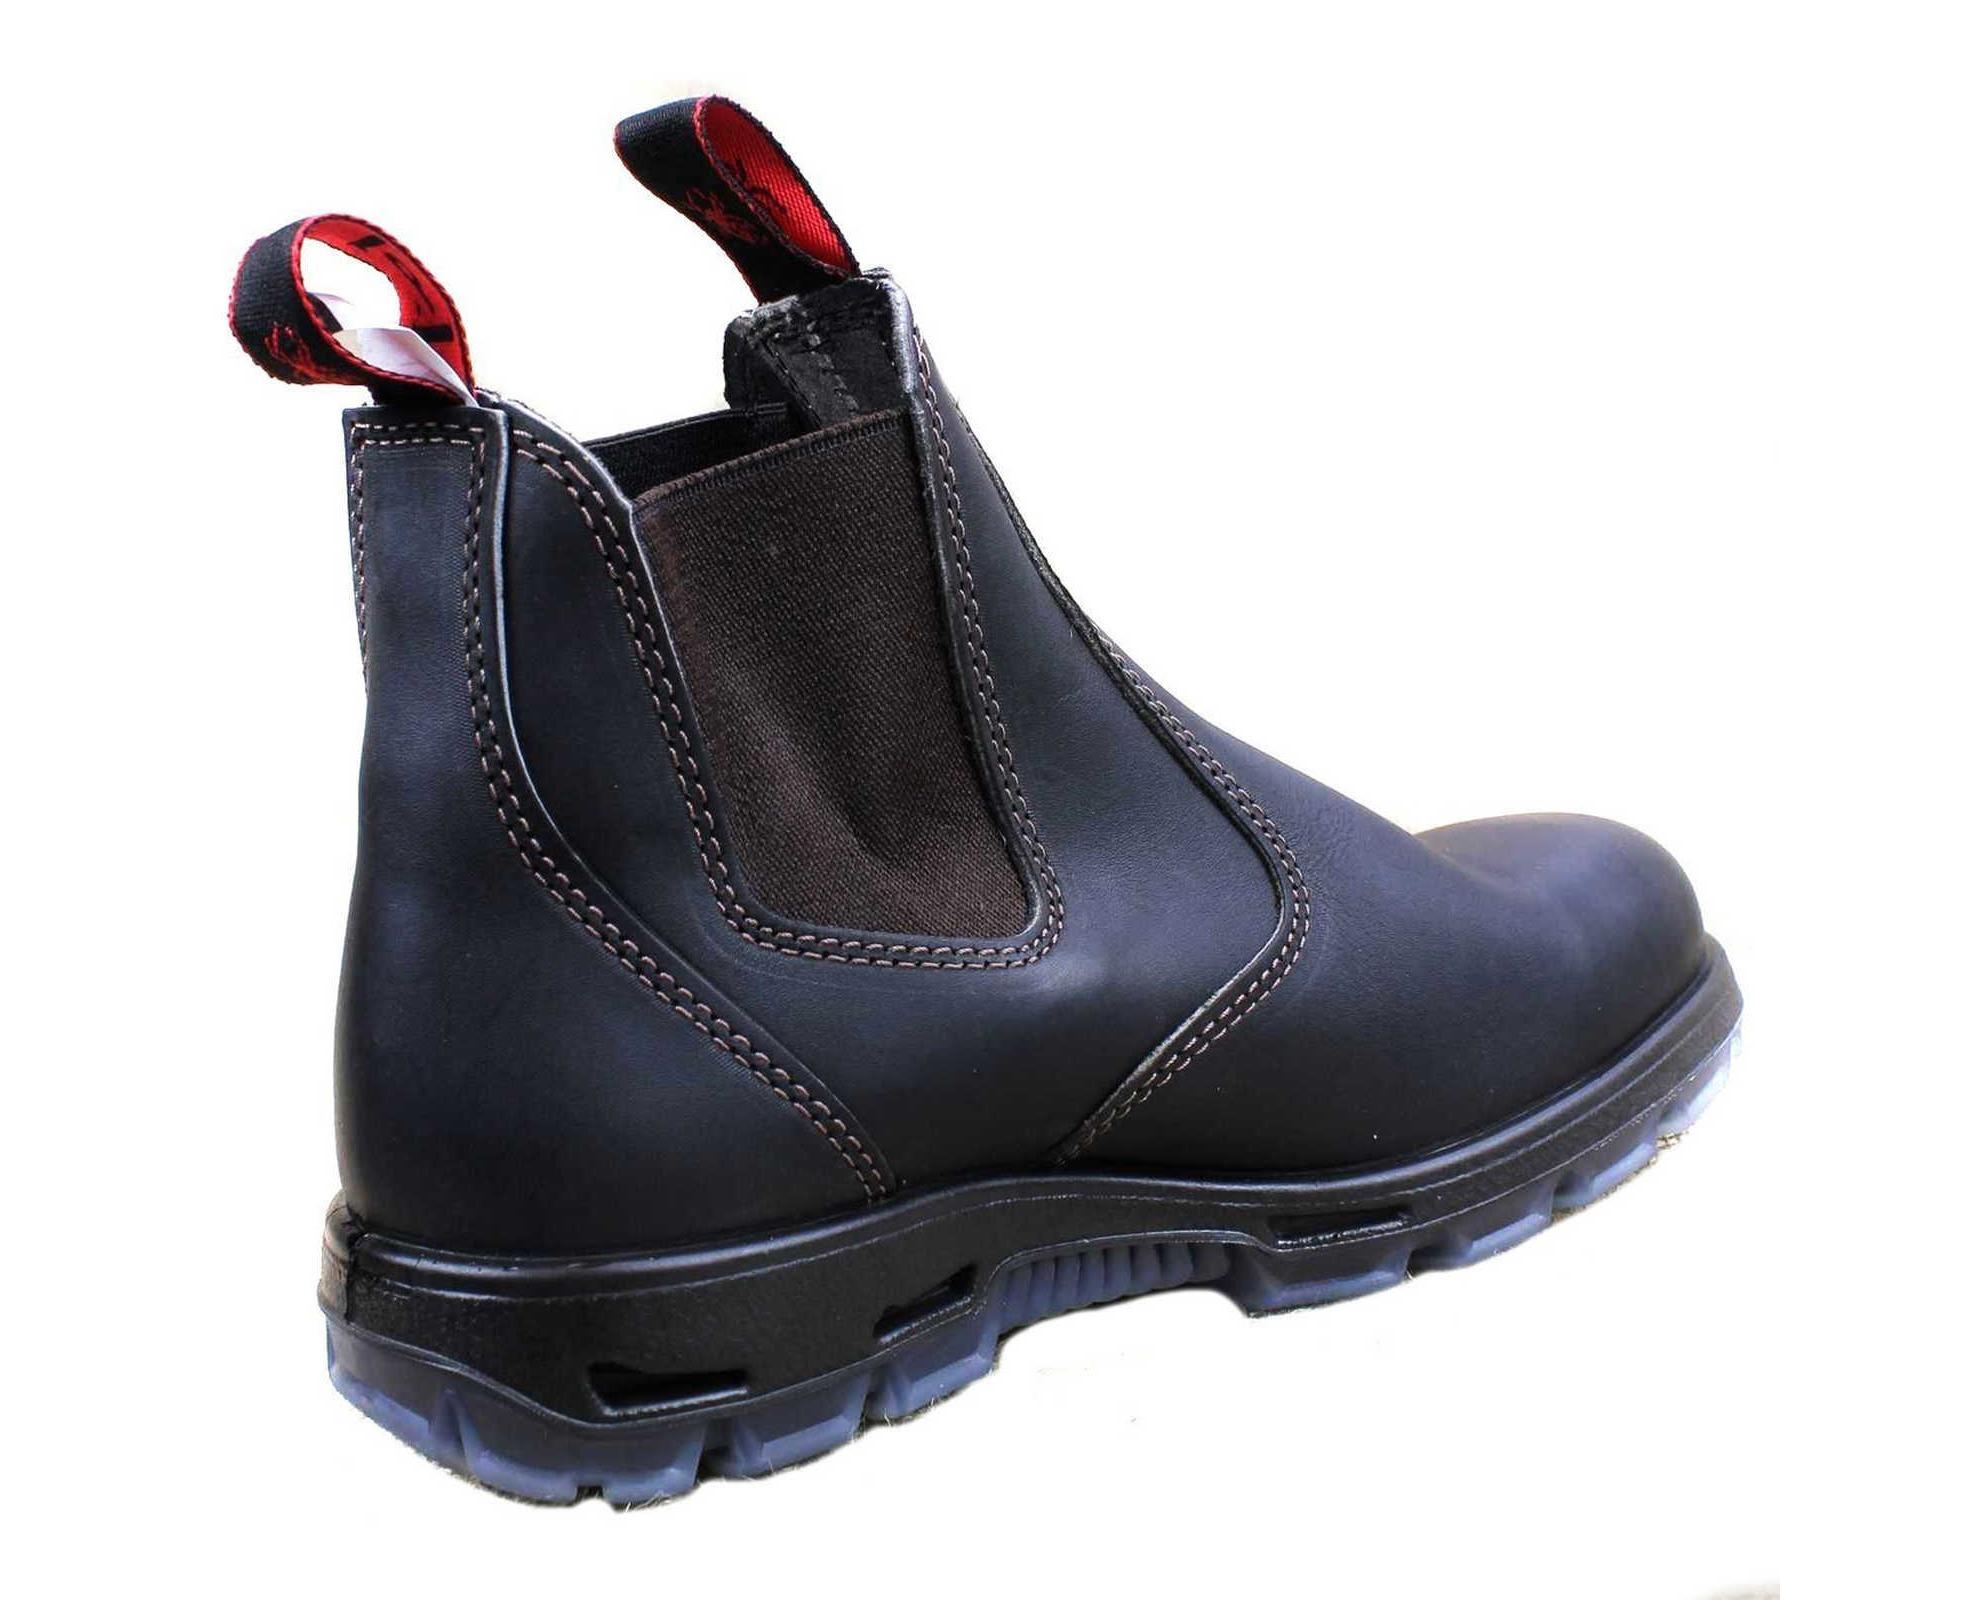 7c8da4d6e83 New REDBACK UBOK Bobcat Soft Toe Boot - DARK BROWN (AUS / US / EU Mens  Sizing) Safety Work Boots